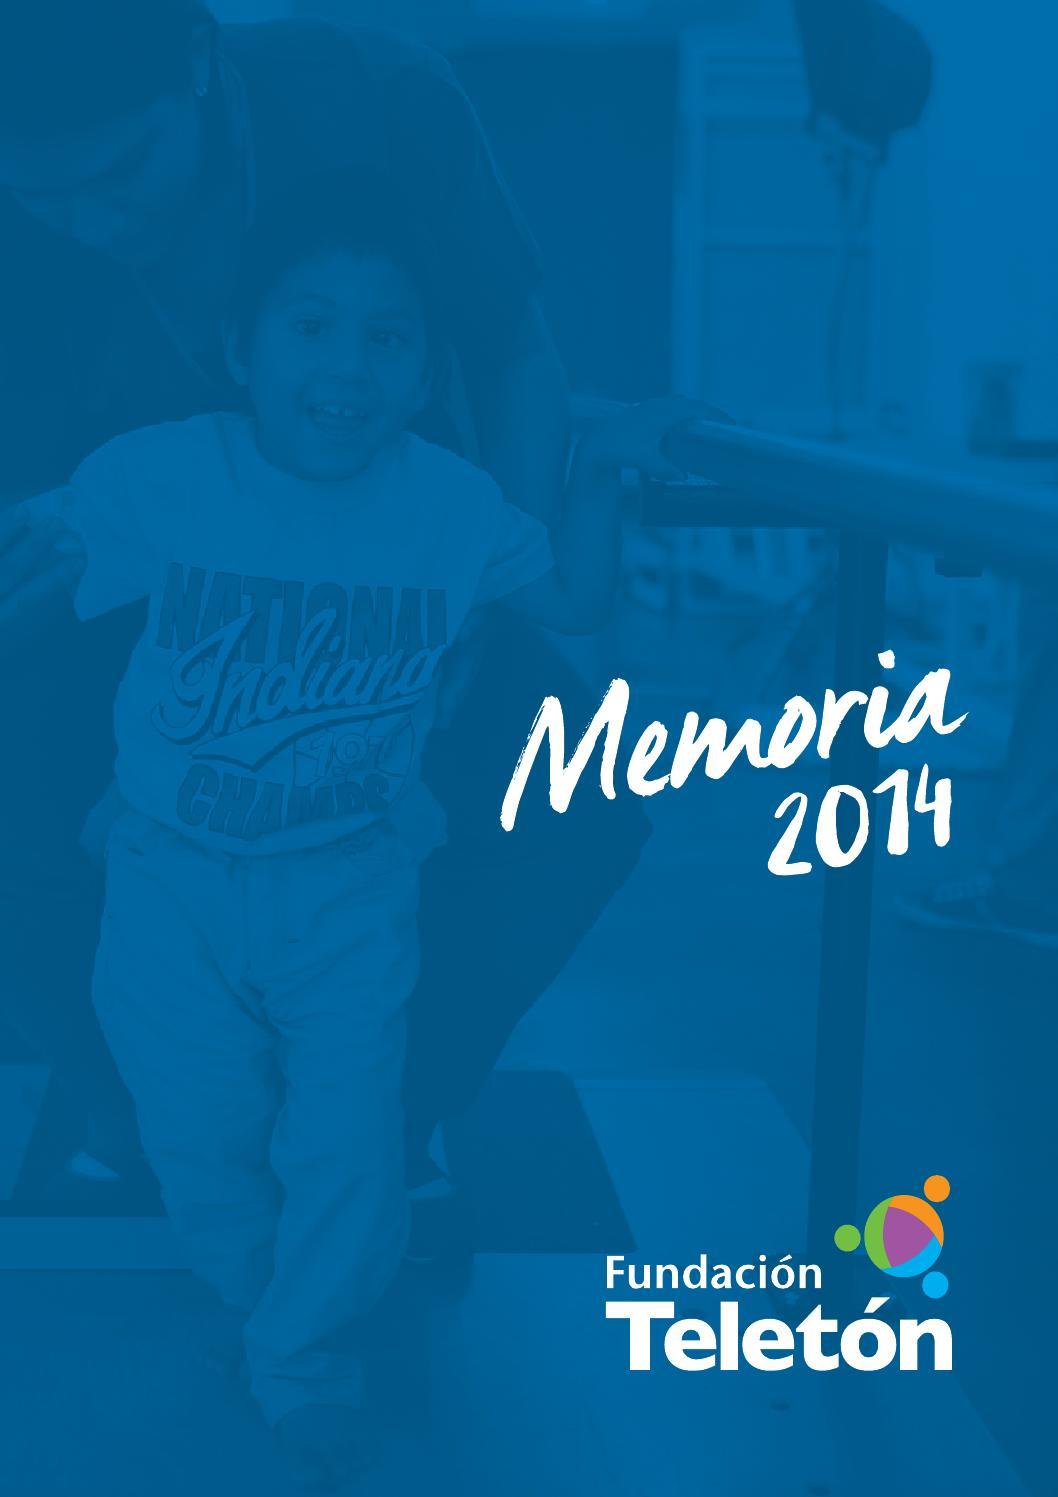 telet243nrindecuentas memoria 2014 by telet243n paraguay issuu